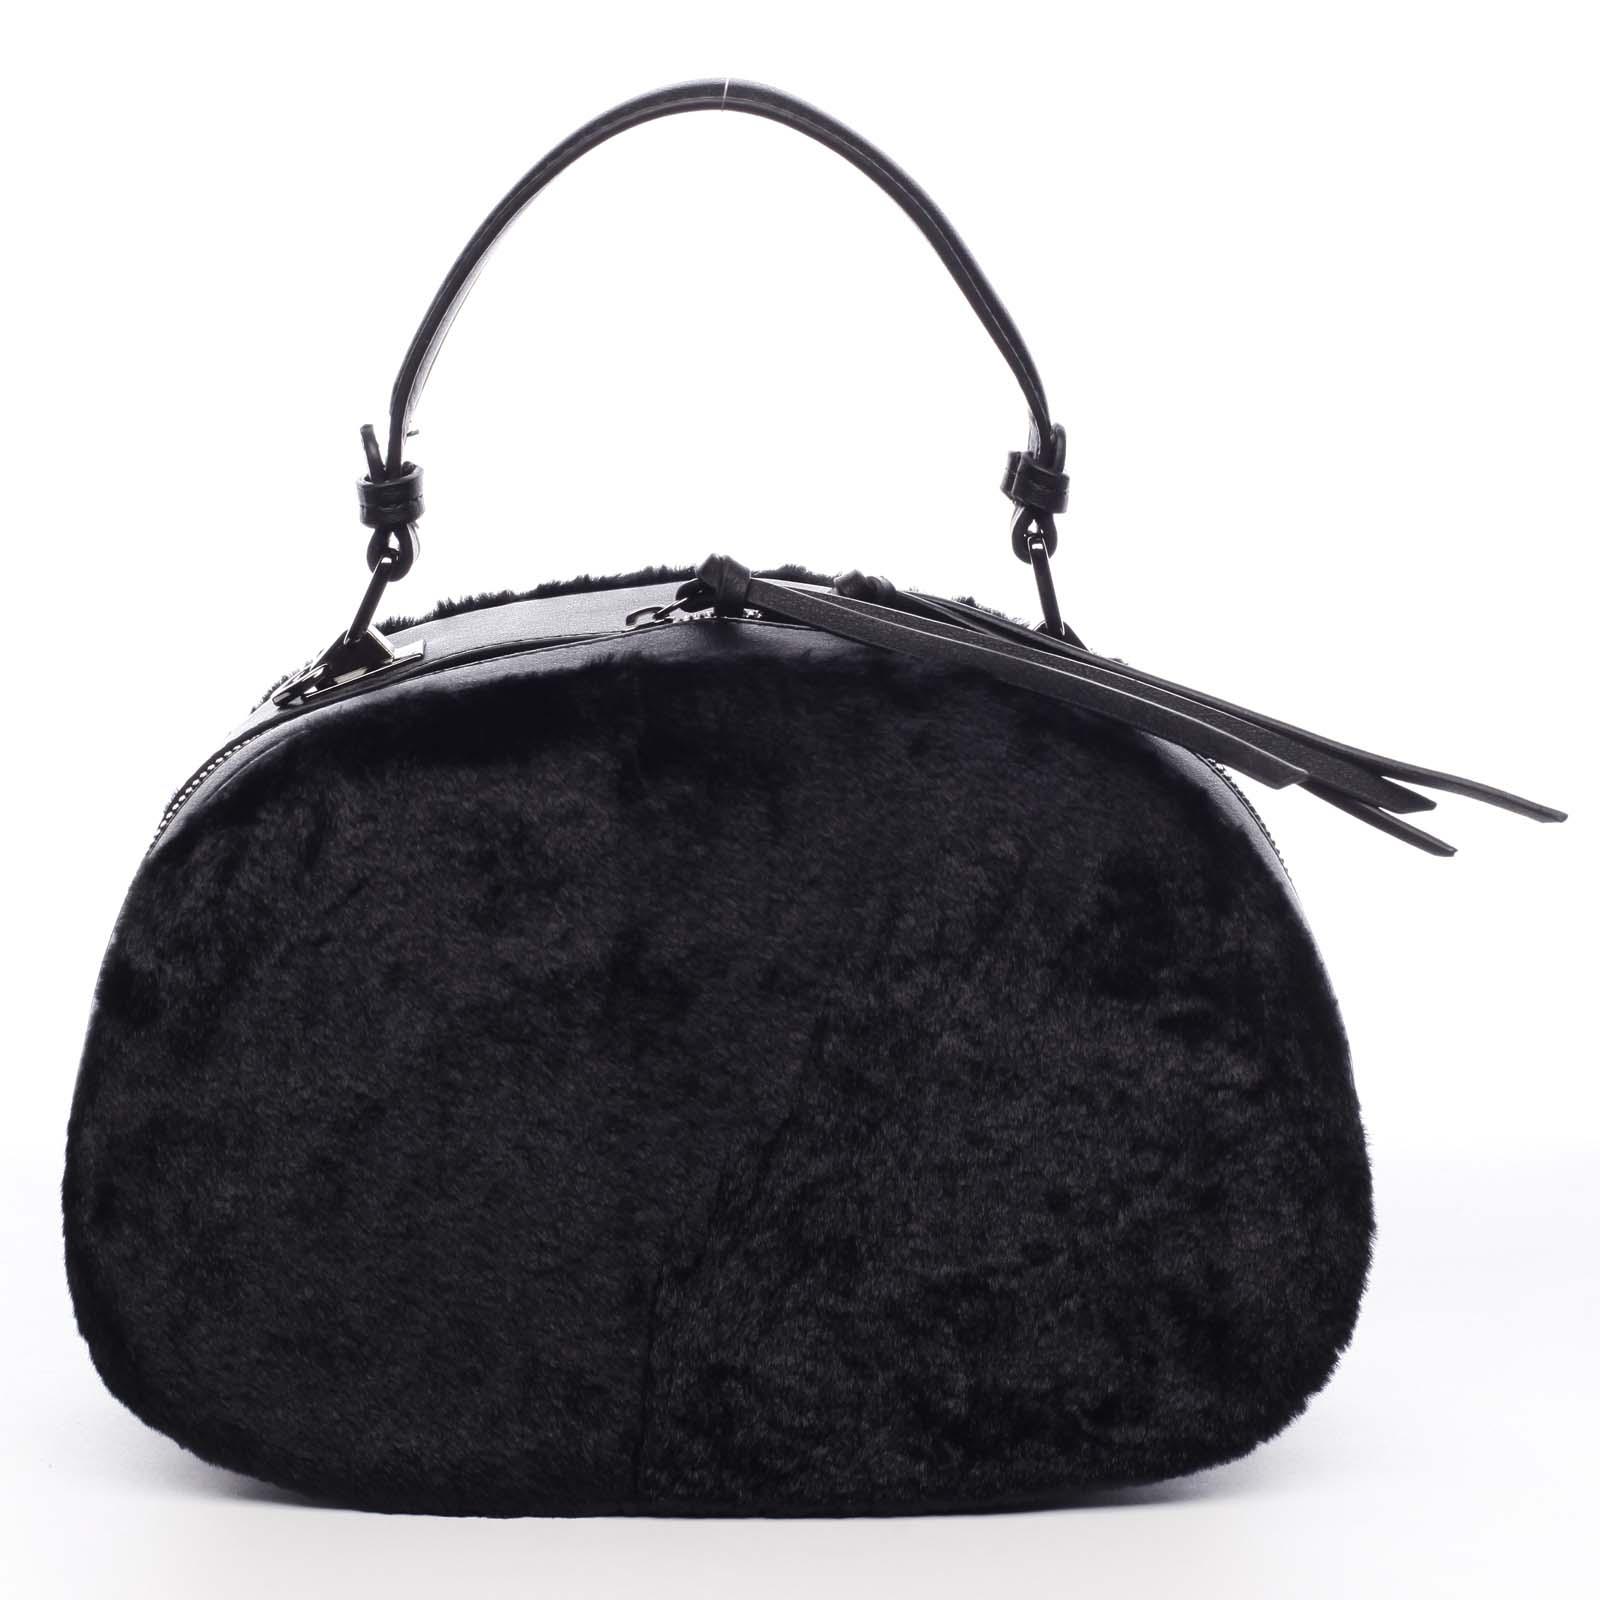 Dámská kožešinová kabelka černá - MARIA C Hasiel